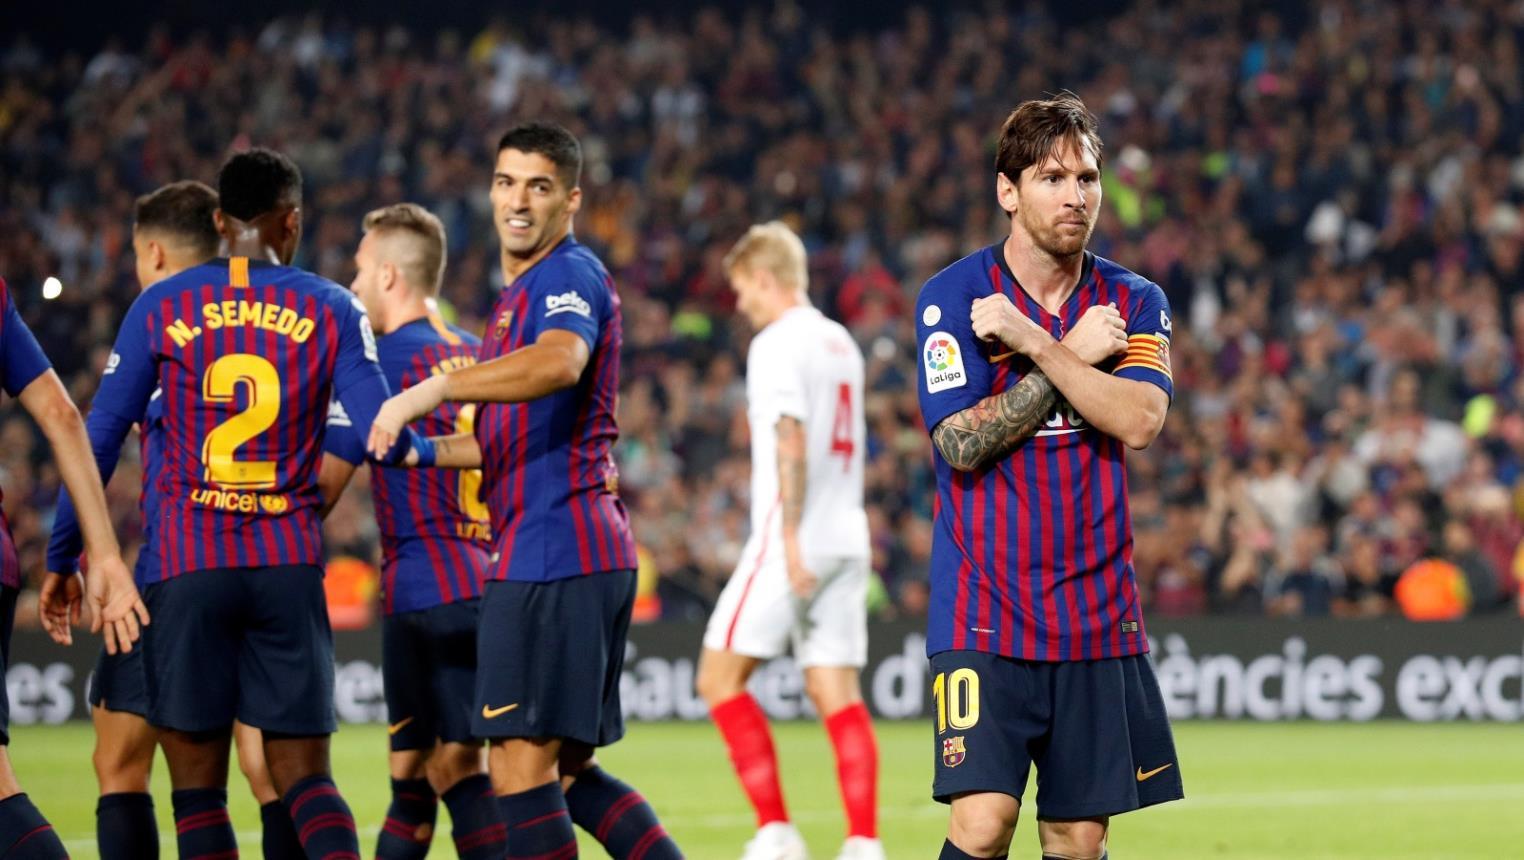 بدون ميسي .. برشلونة يواجه الانتر في دوري الأبطال اليوم